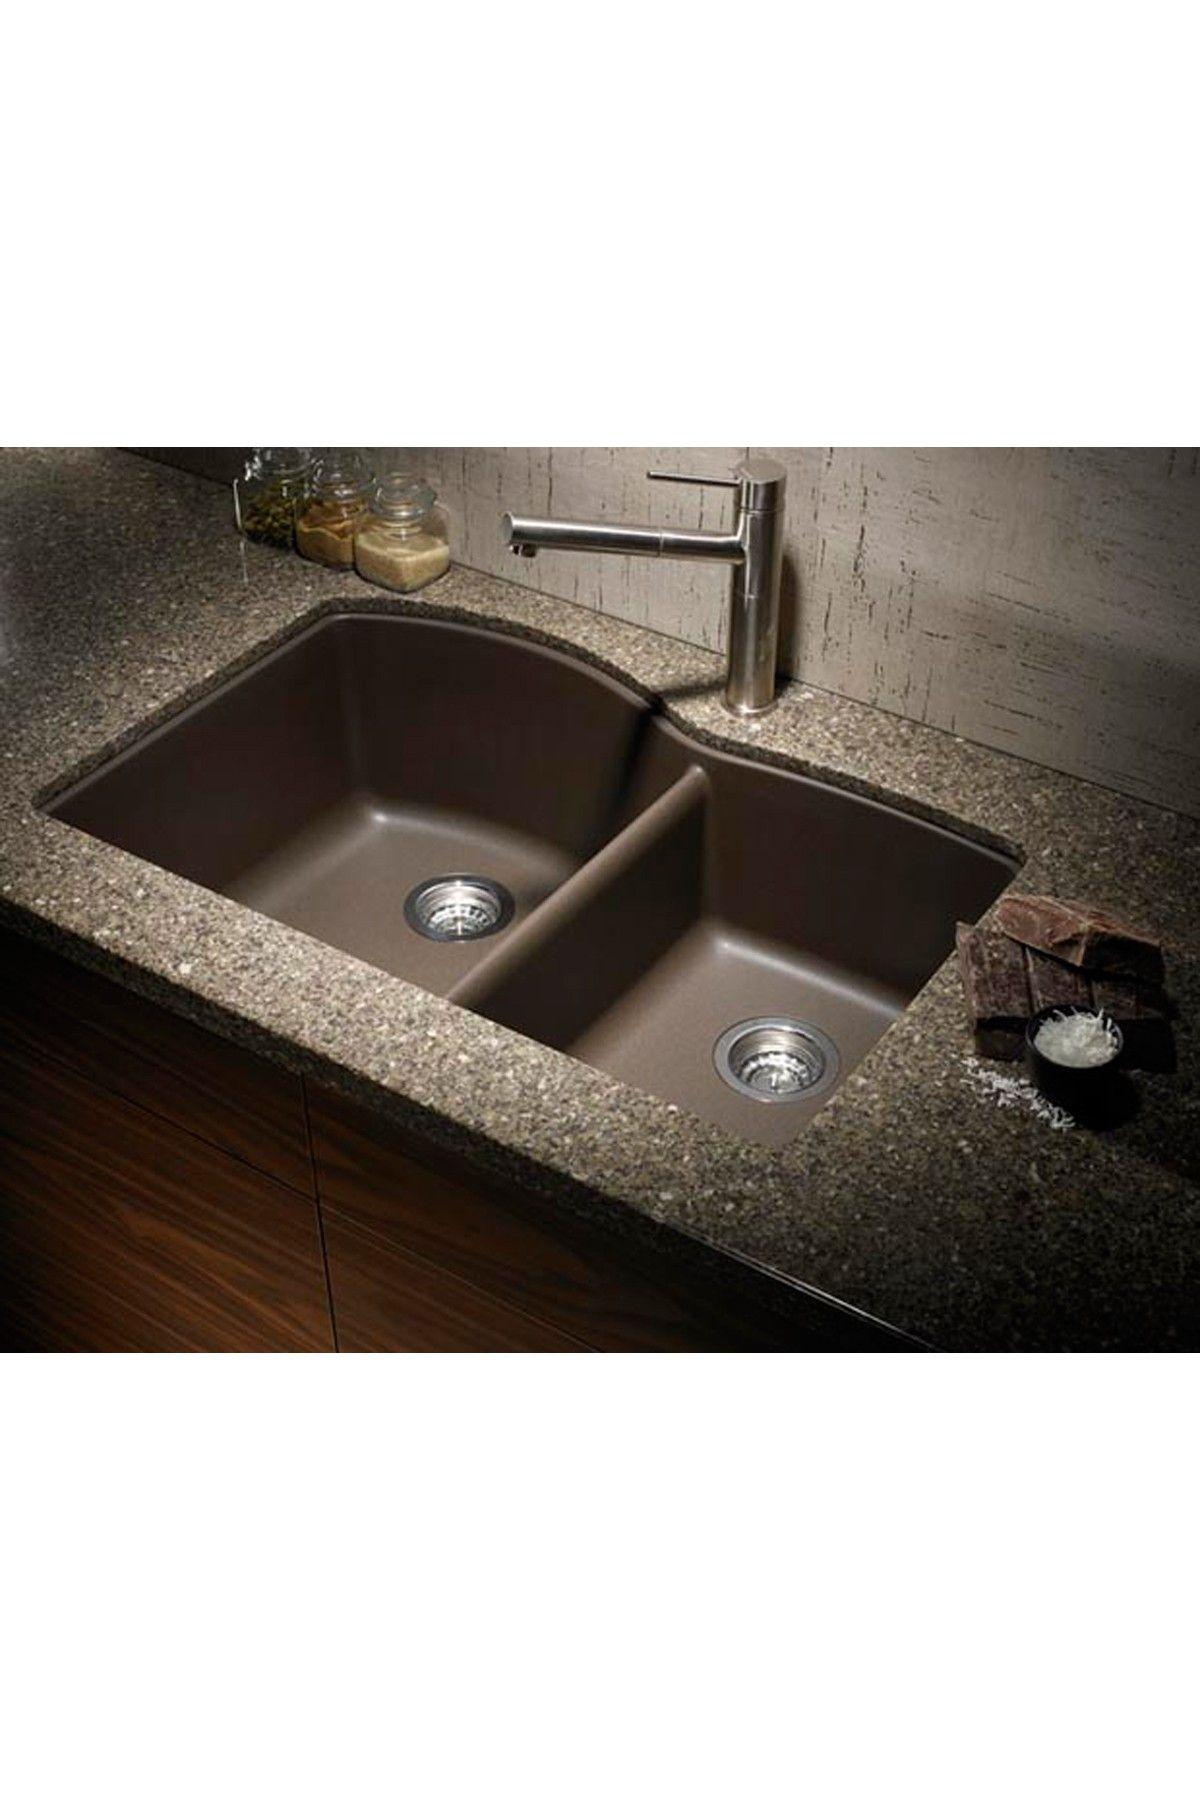 Merveilleux Blanco Silgranit 1 3/4 Basin Undermount Kitchen Sink   Cafe Brown